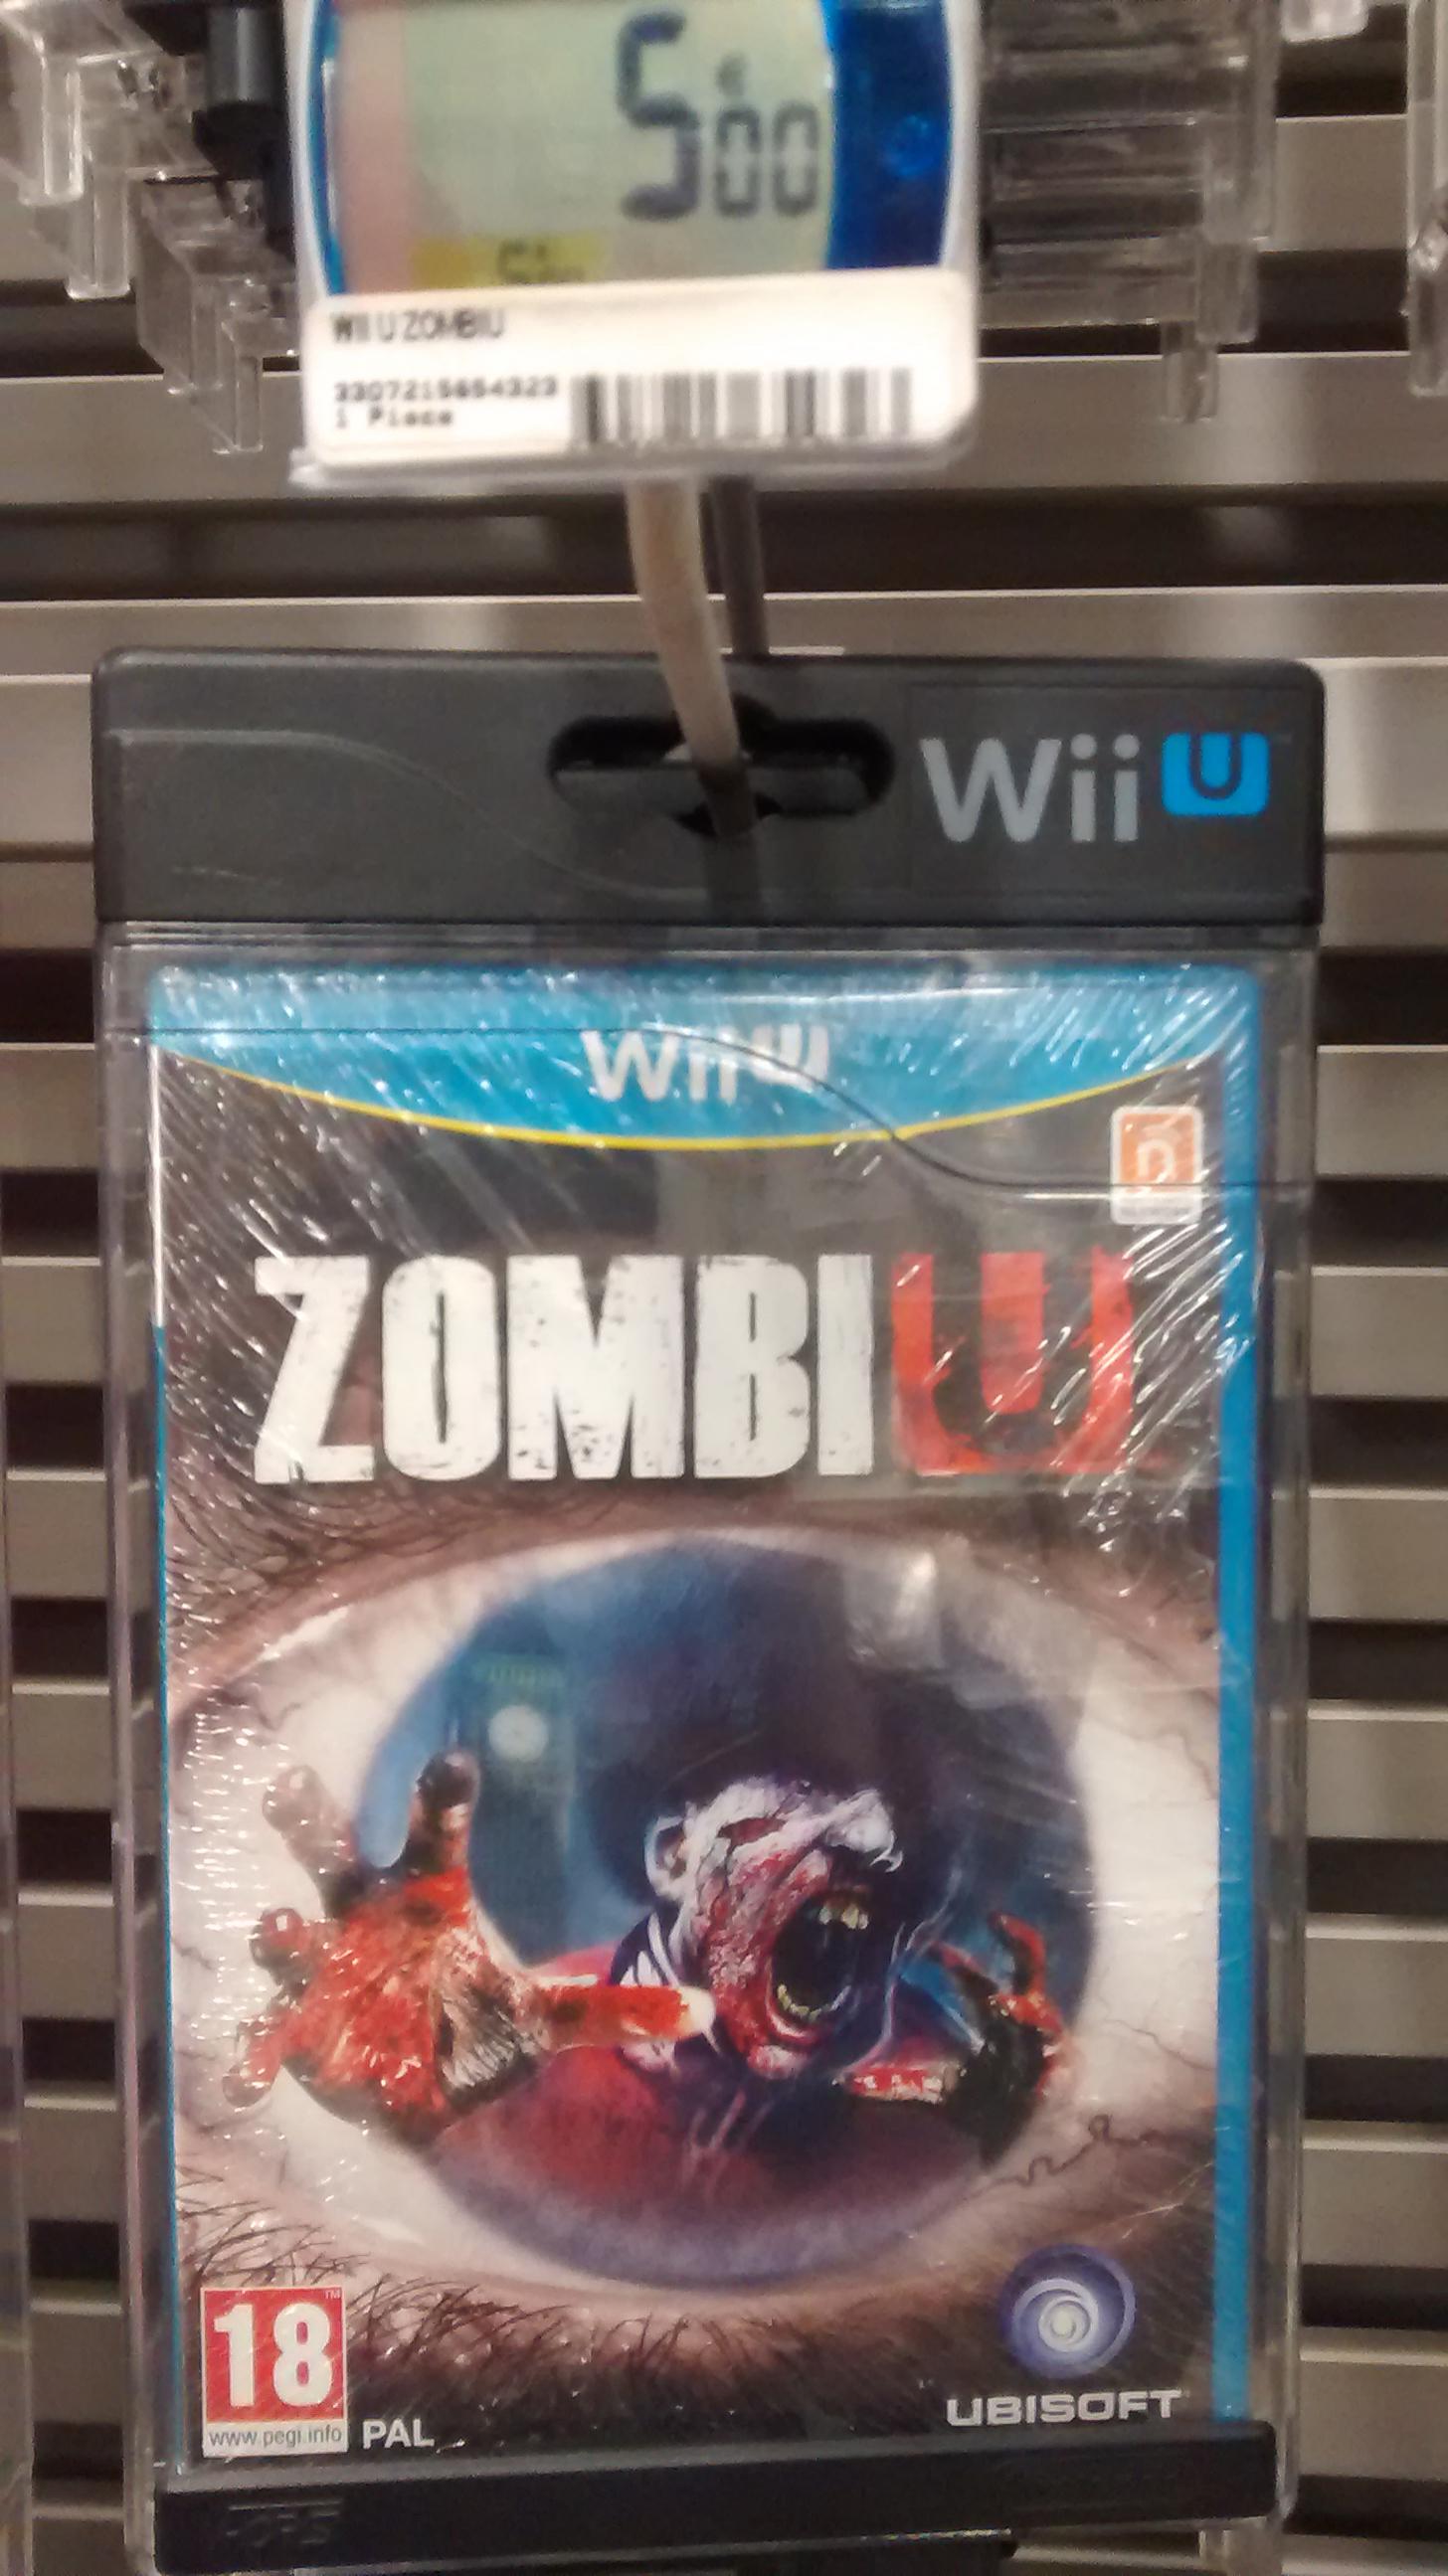 Jeu vidéo Zombi U sur Wii U